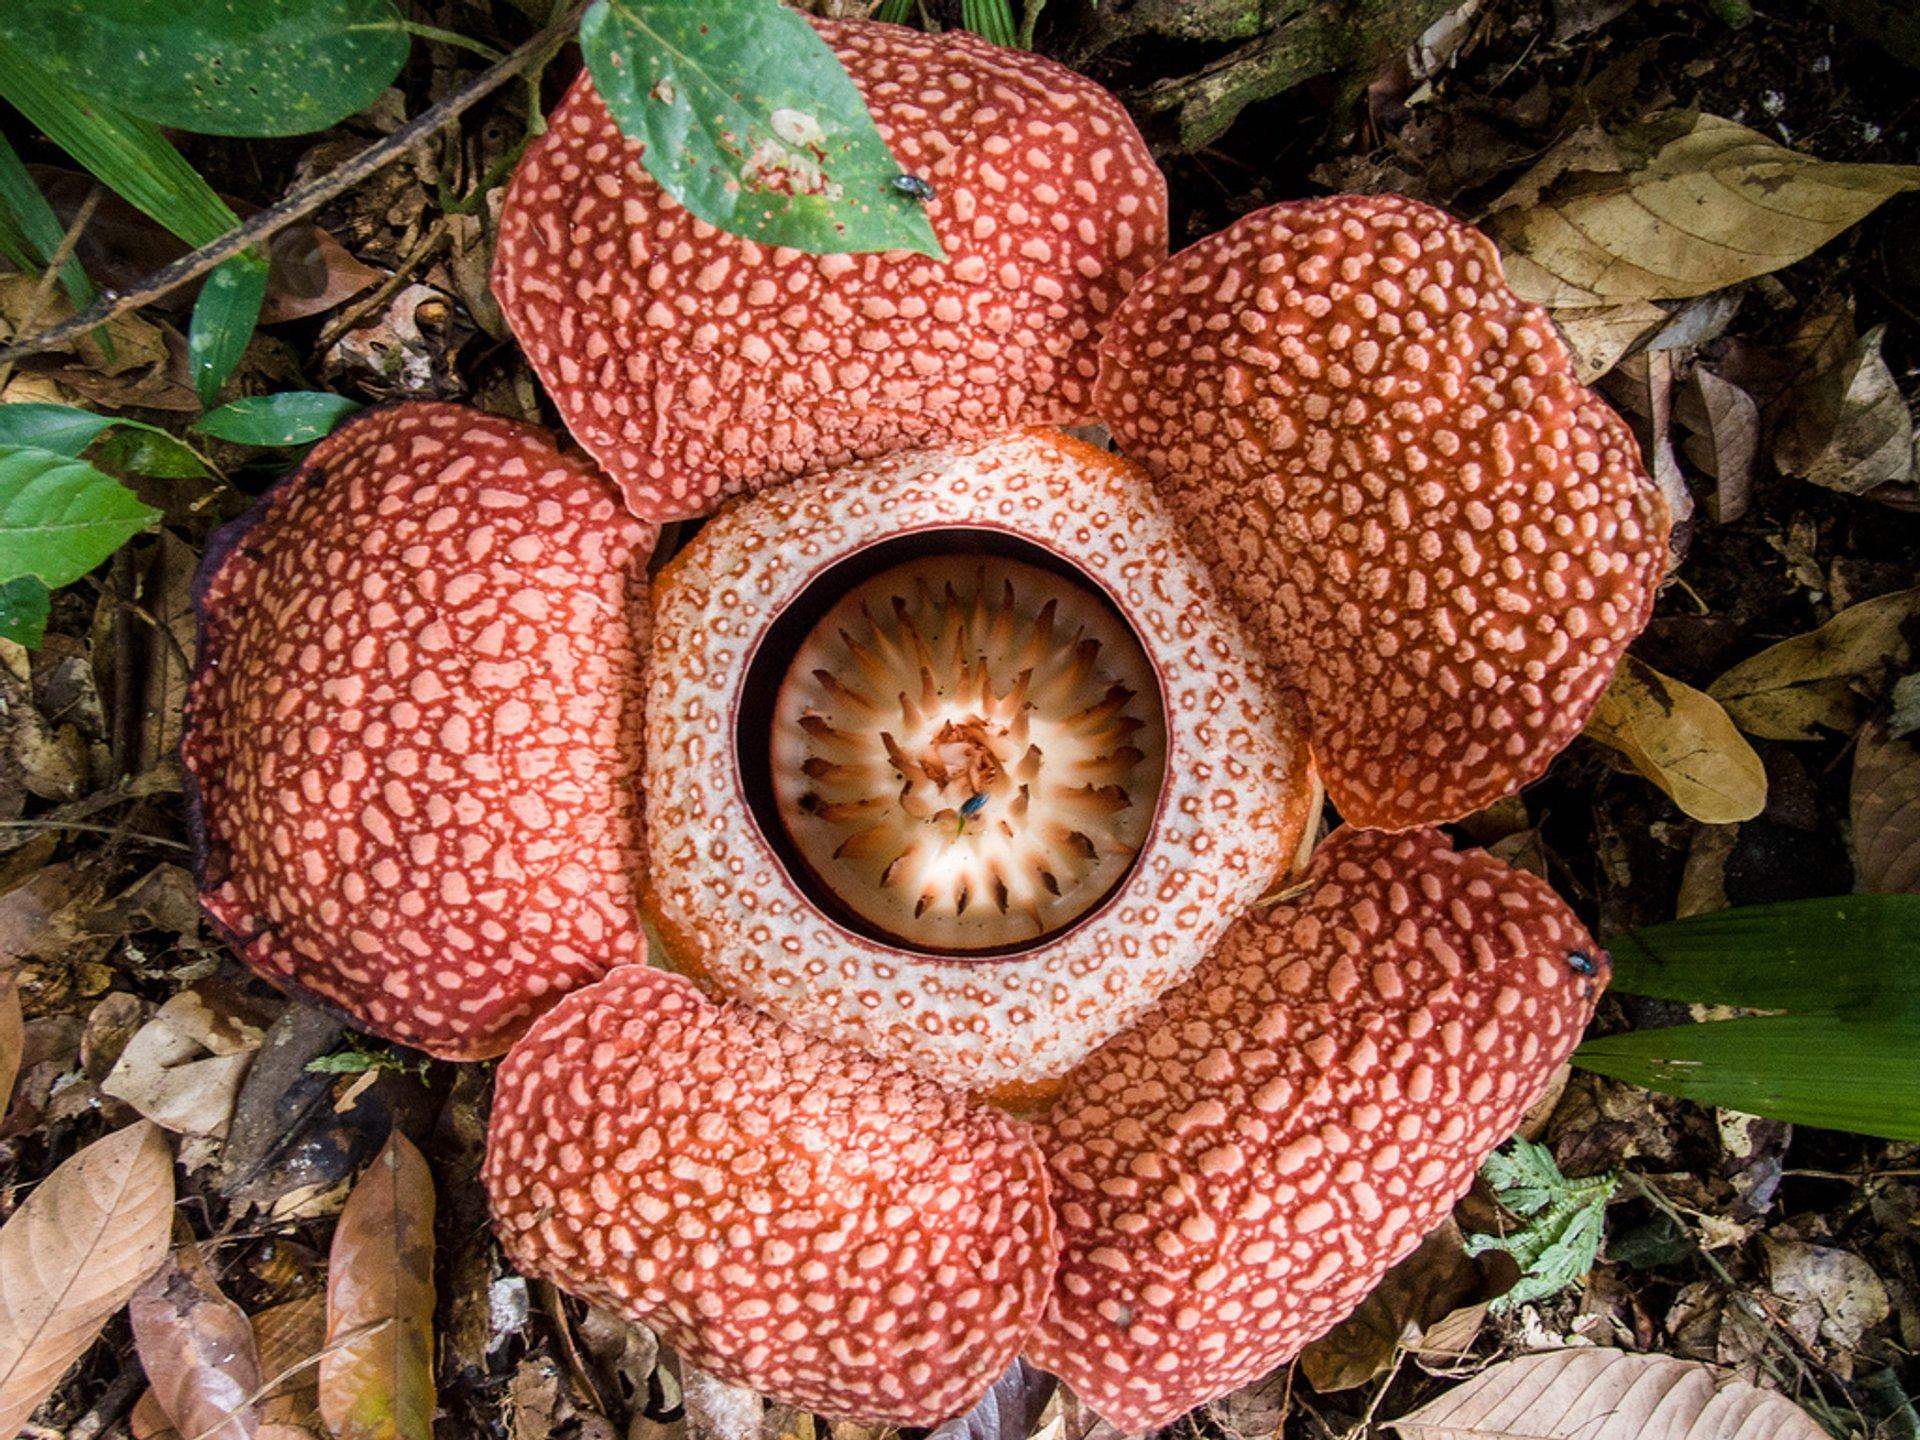 Rafflesia in Malaysia 2020 - Best Time